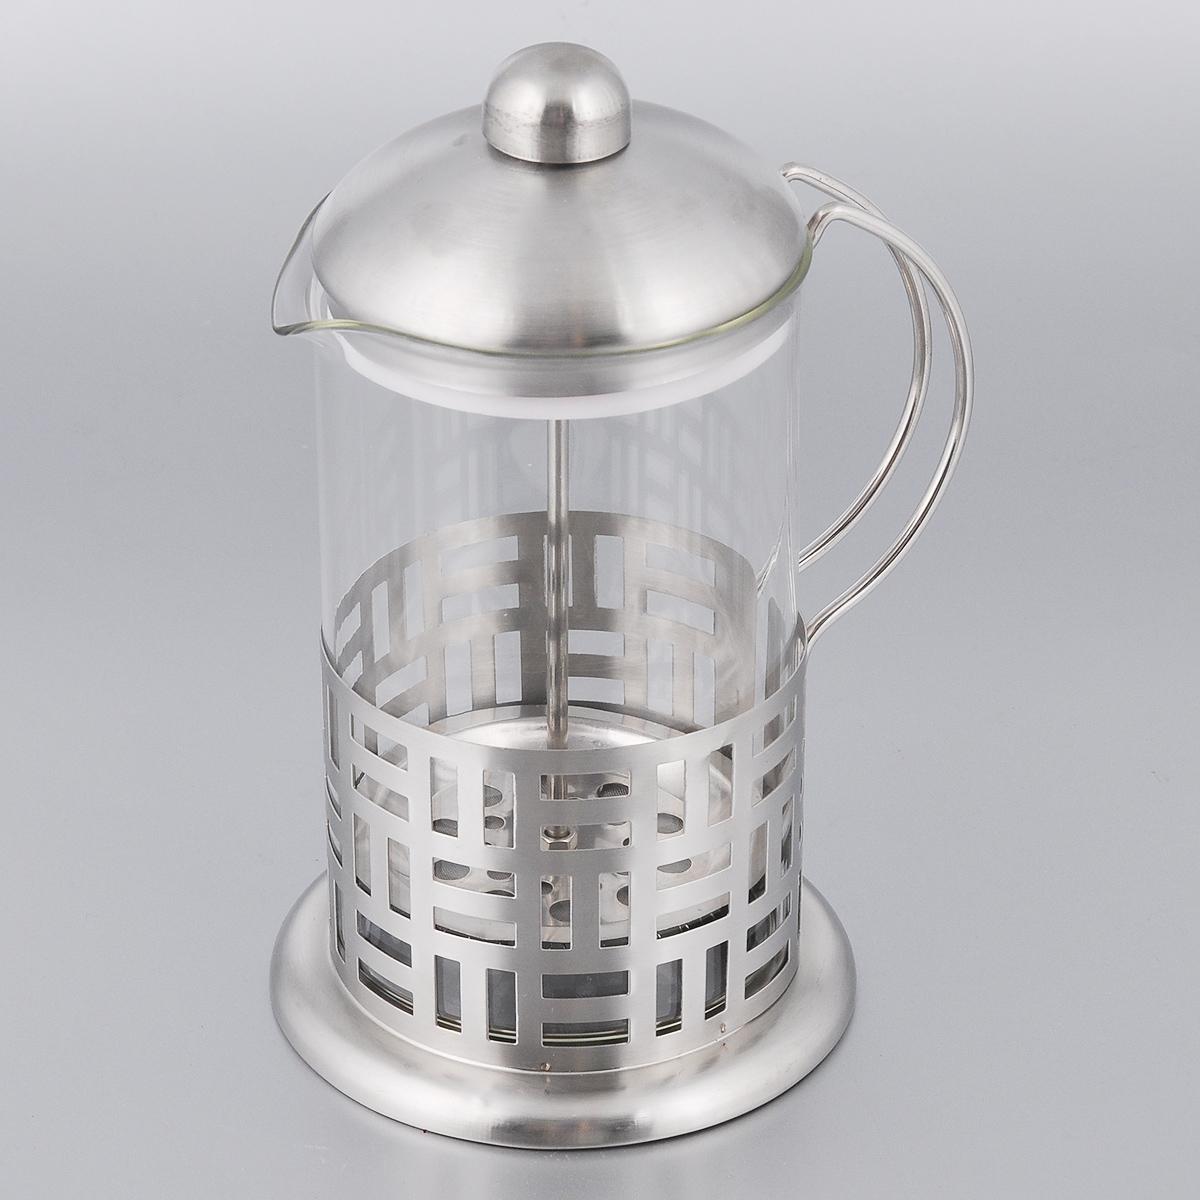 Френч-пресс Bohmann, 800 мл9580BHФренч-пресс Bohmann станет прекрасным выбором для повседневного использования, встречи гостей или небольших вечеринок. Колба, изготовленная их закаленного стекла, сохранит свежесть и аромат напитка. А конструкция френч-пресса встроенного в крышку, прекрасно отфильтрует чай и кофе от заварочной гущи.Удобная ручка обеспечит надежную фиксацию в руке. Утолщенный ободок колбы повышает прочность и продлевает срок службы изделия. Насыпьте чай или кофе в стеклянную колбу, добавьте горячей воды и закройте стакан пресс-фильтром. Подождите 3-5 минут, затем медленно опустите пресс-фильтр до упора. Приятного чаепития!Френч-пресс Bohmann позволит быстро и просто приготовить чай или свежий и ароматный кофе. Объем: 800 мл.Диаметр (по верхнему краю): 10 см. Высота стенки: 17 см.